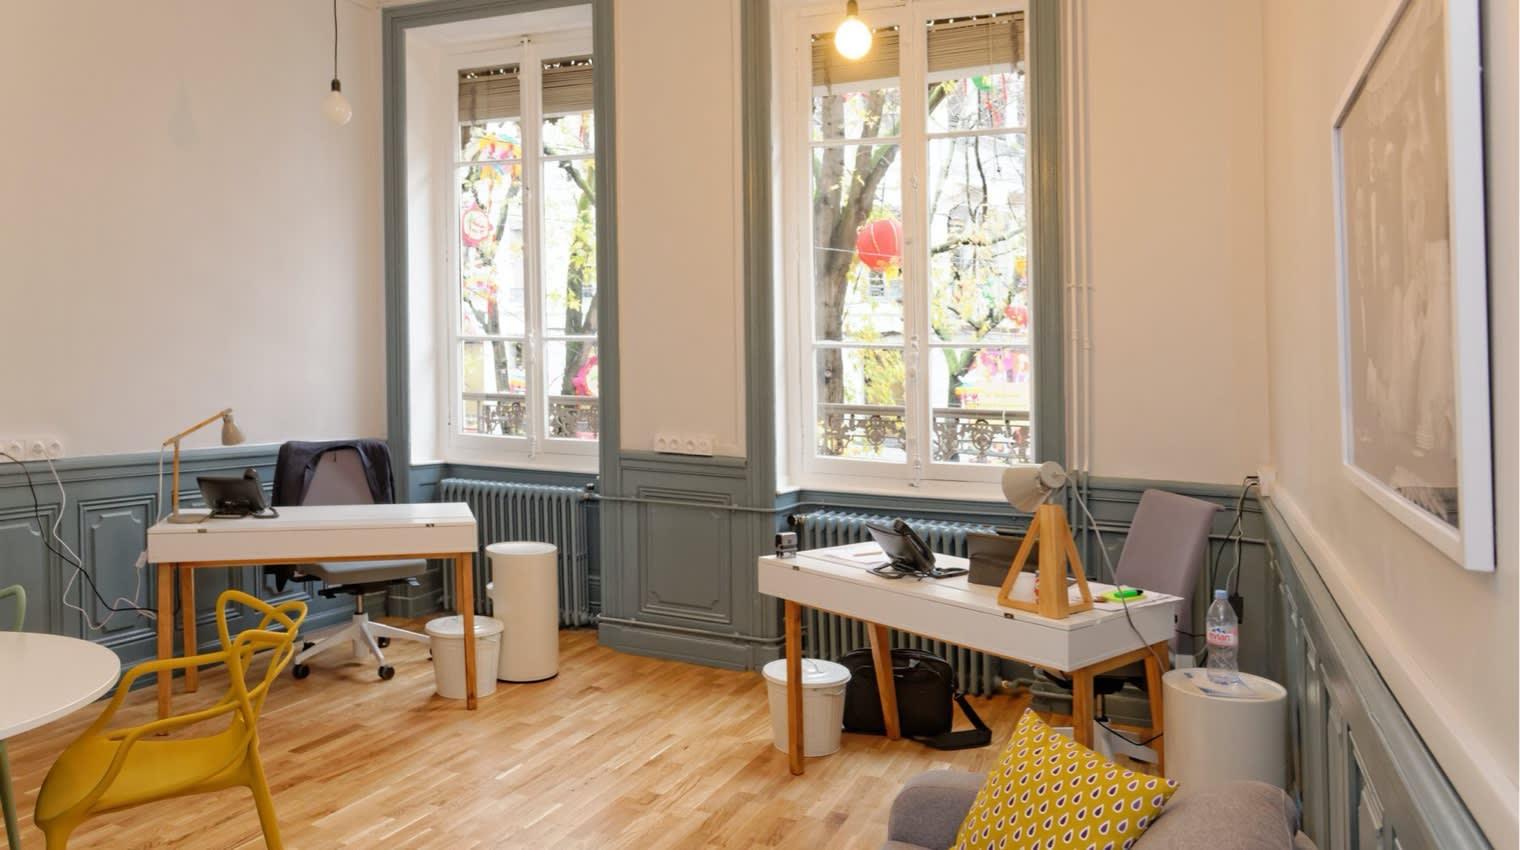 Des salles de réunion modernes pour accueillir vos futurs clients et partenaires.